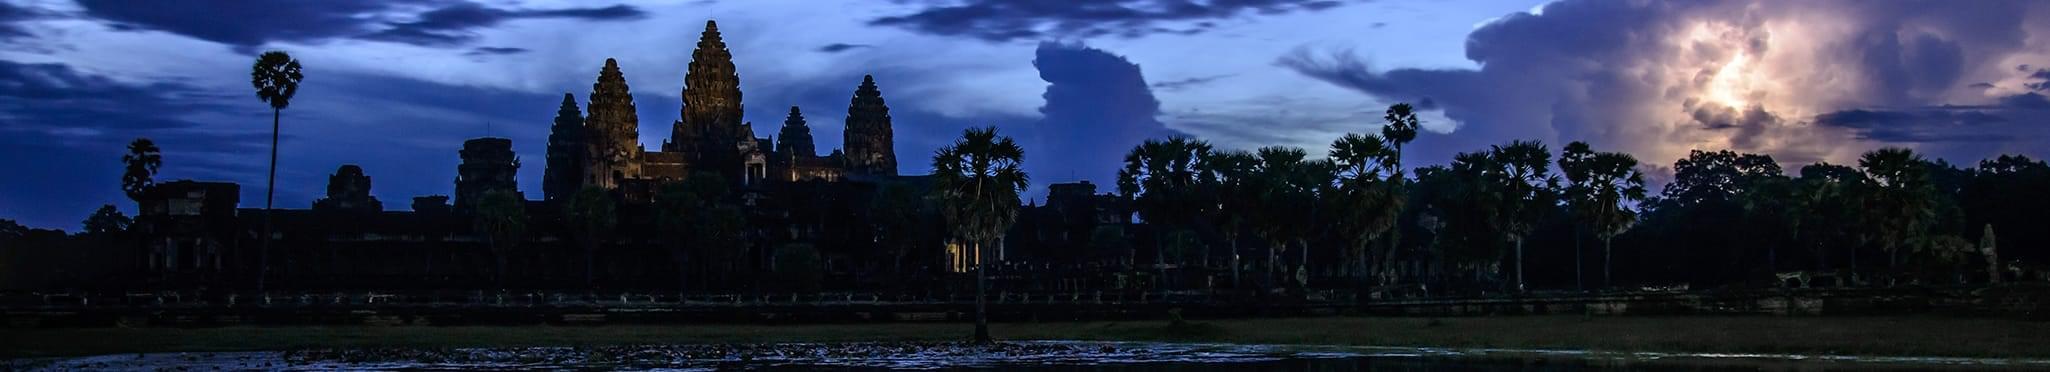 Столица последней Империи:<br>Ханой, Халонг, Луанг Прабанг, Сием Реап, Ангкор, Хошимин